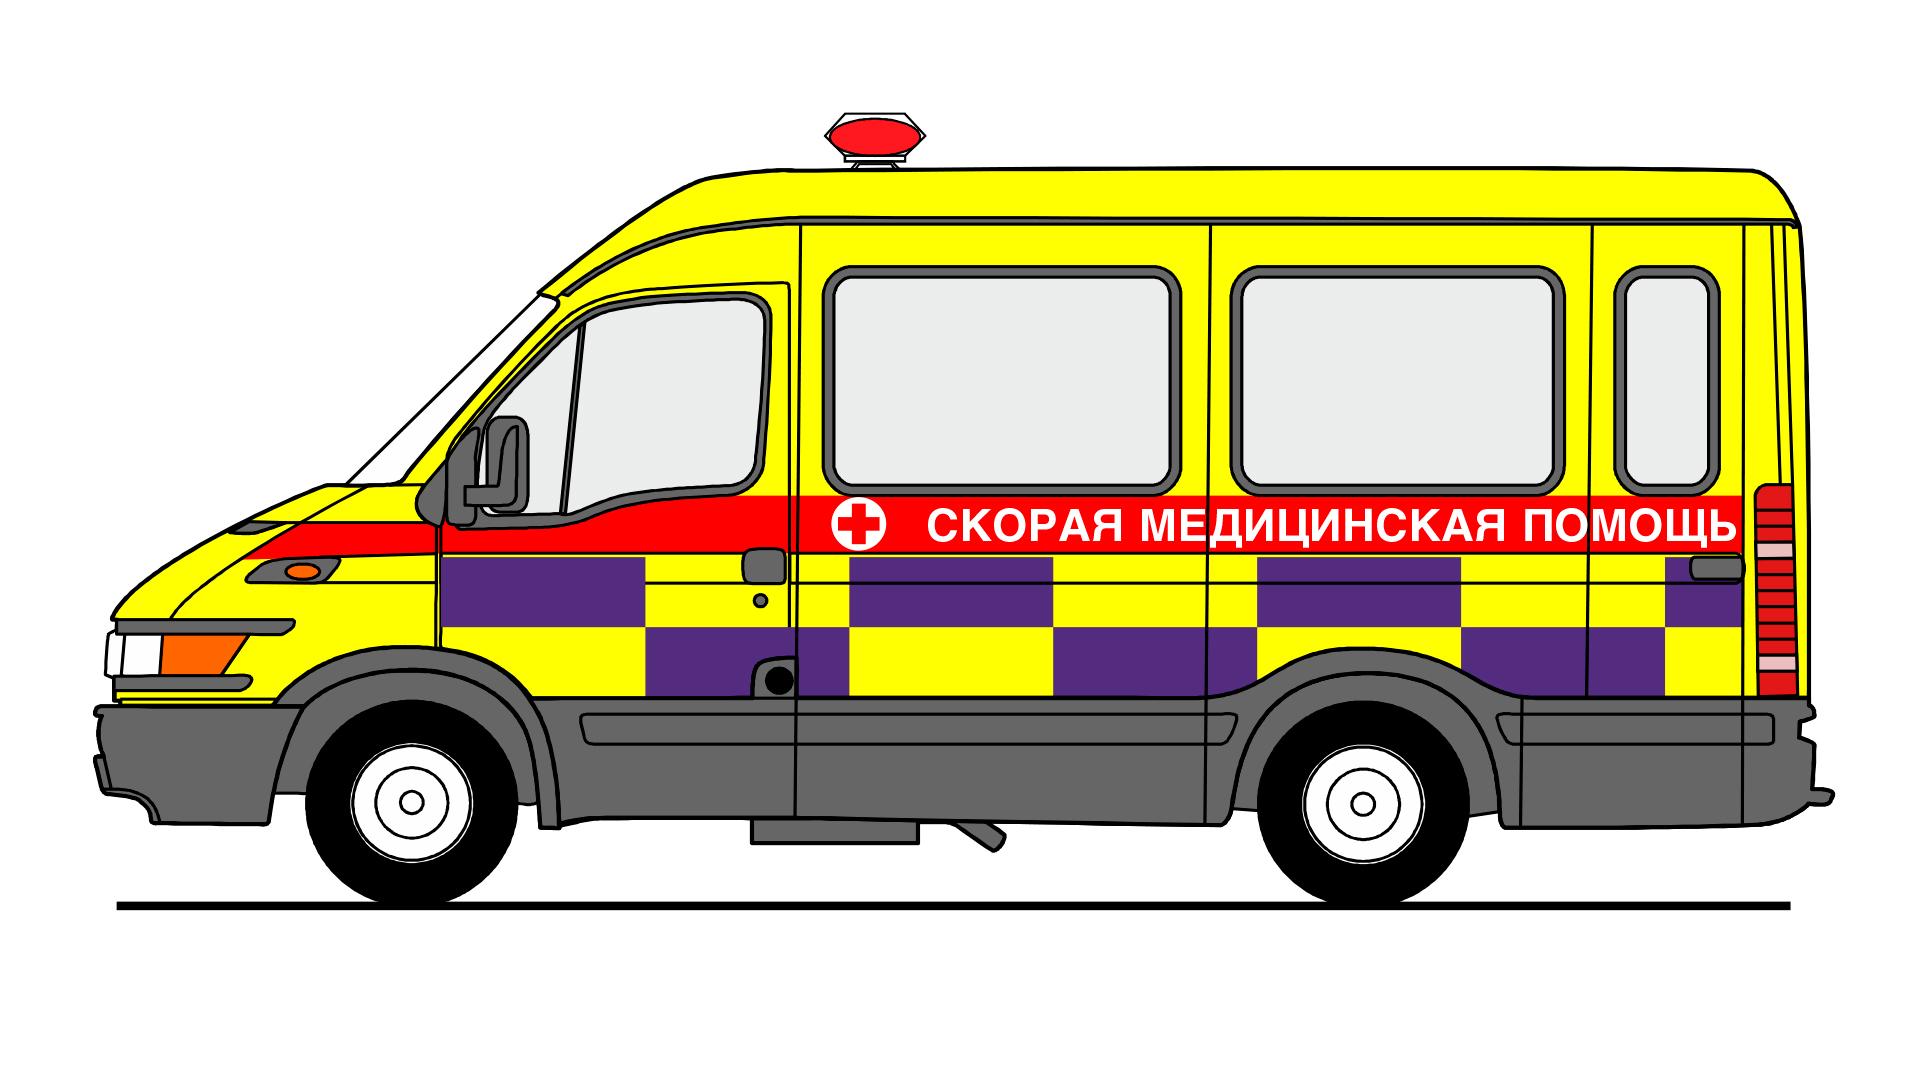 Кому в Казахстане будут положены мигалки